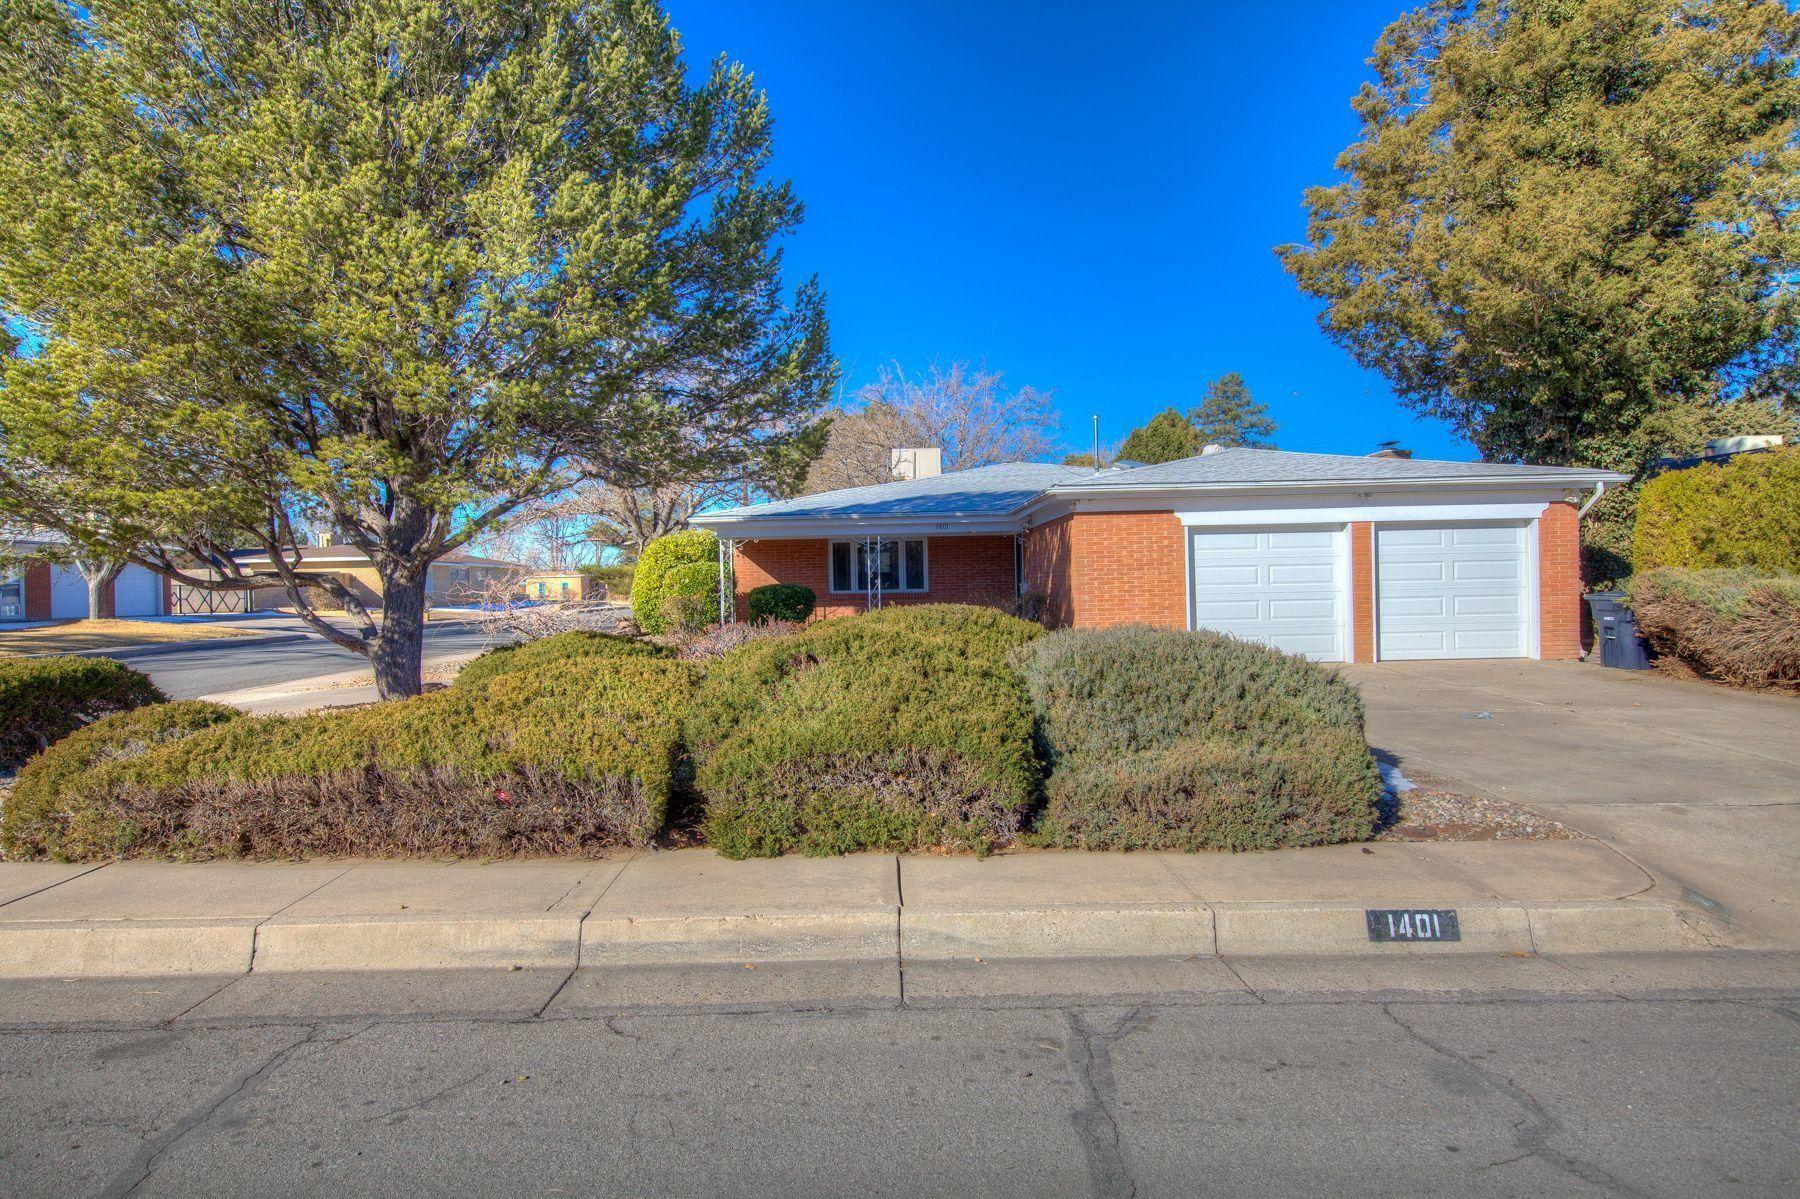 1401 GEORGIA Street NE, Albuquerque, NM 87110 - MLS#: 986197